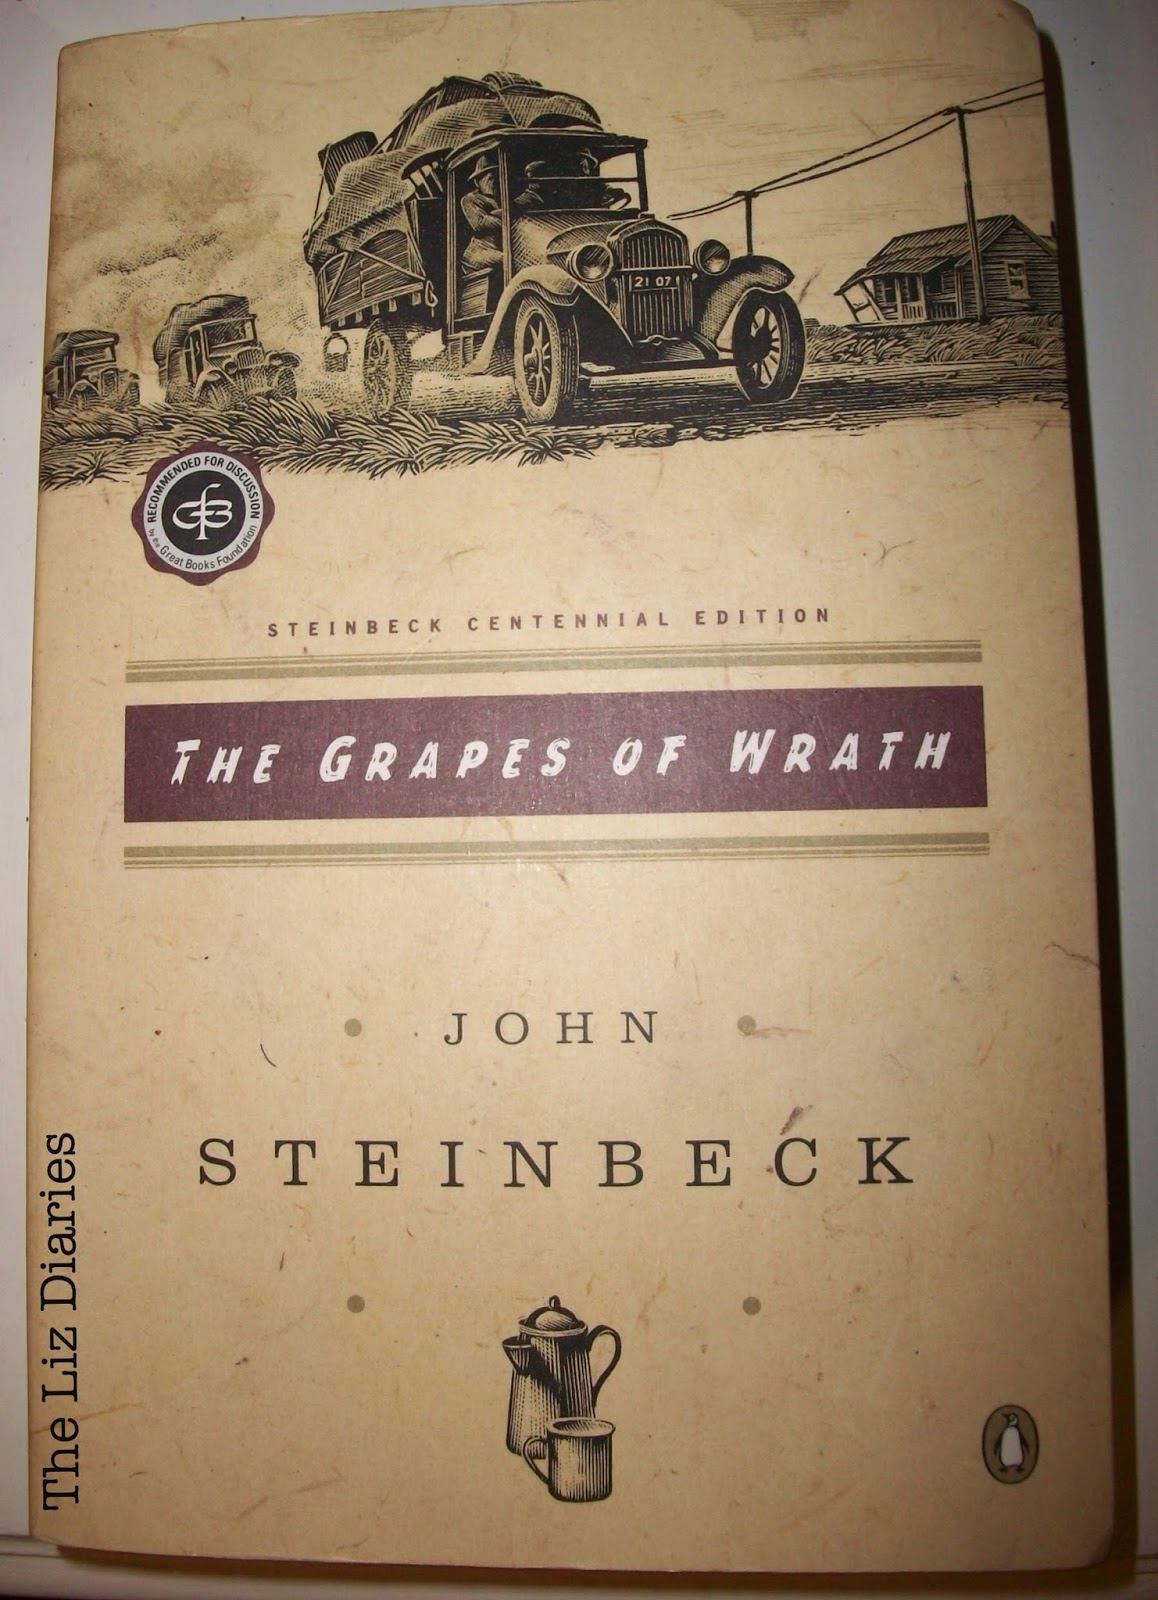 the story behind john steinbecks the grapes of wrath Appunto con trattazione sintetica di letteratura inglese: the grapes of wrath di john steinbeck, caratteristiche principali e breve analisi.